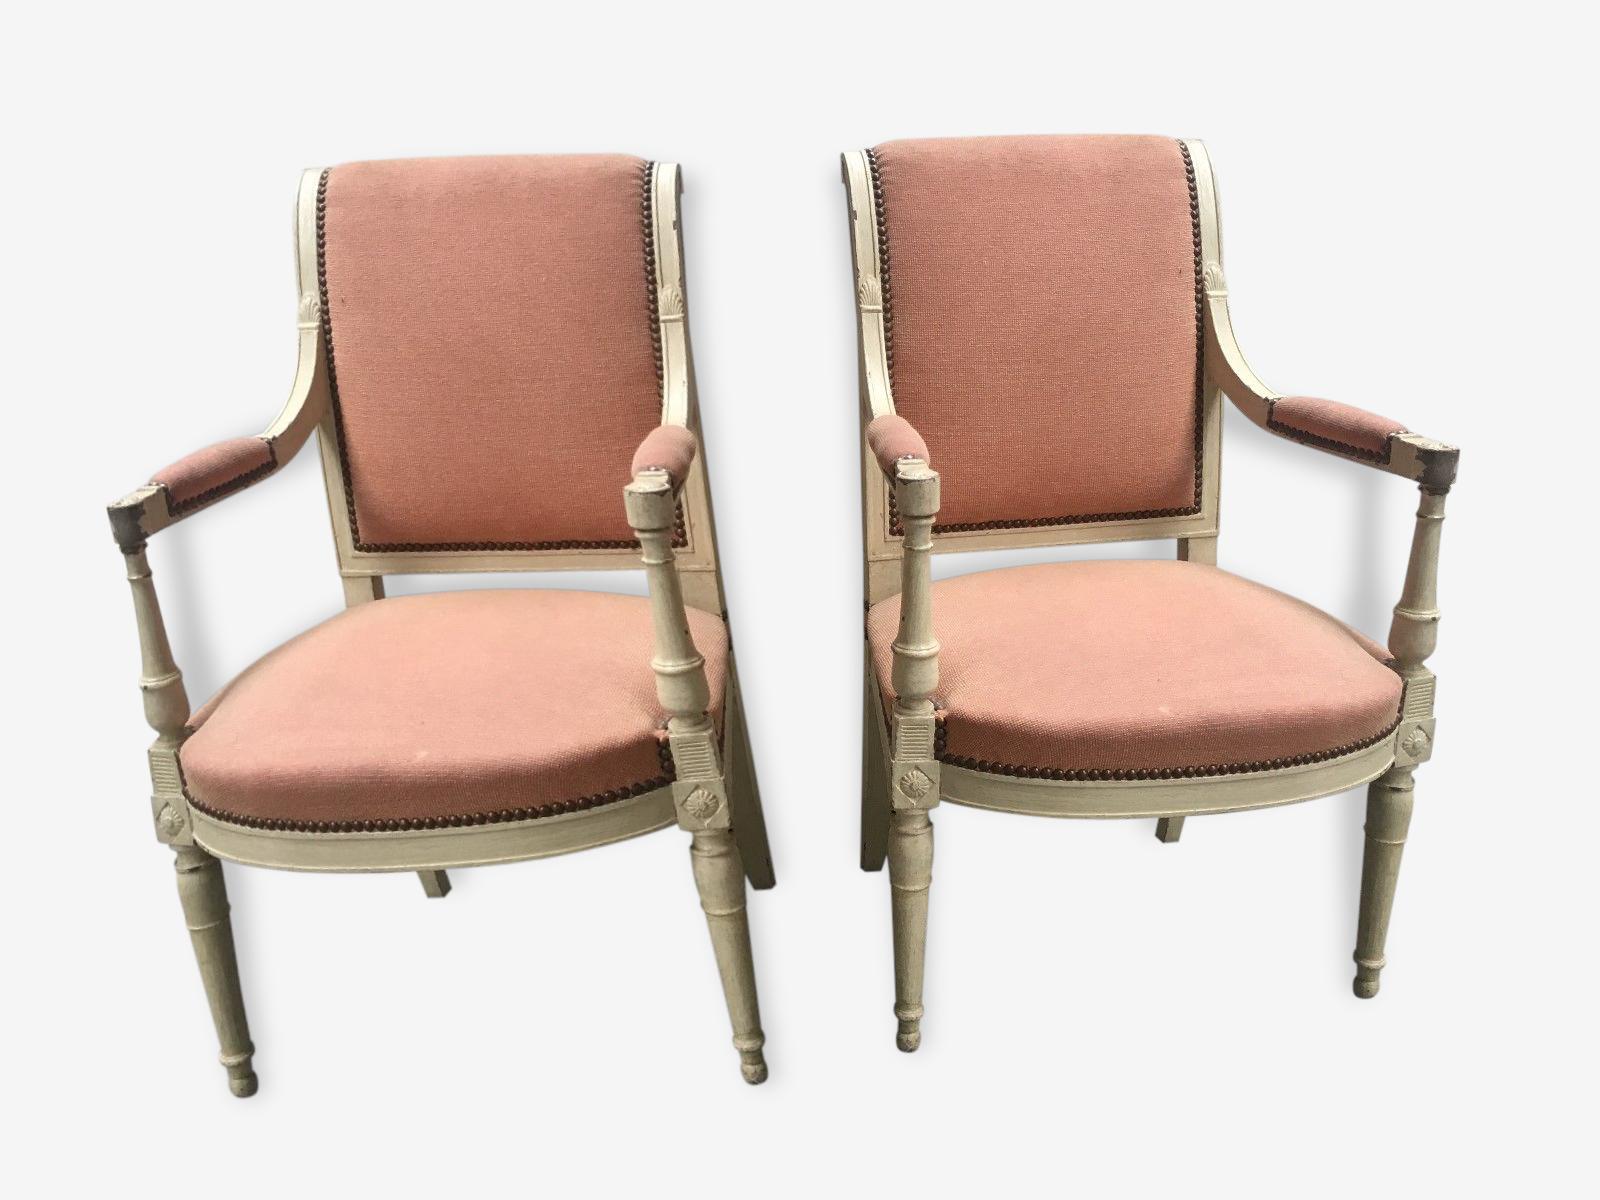 Style Directoire belle paire de fauteuils de style directoire - bois (matériau